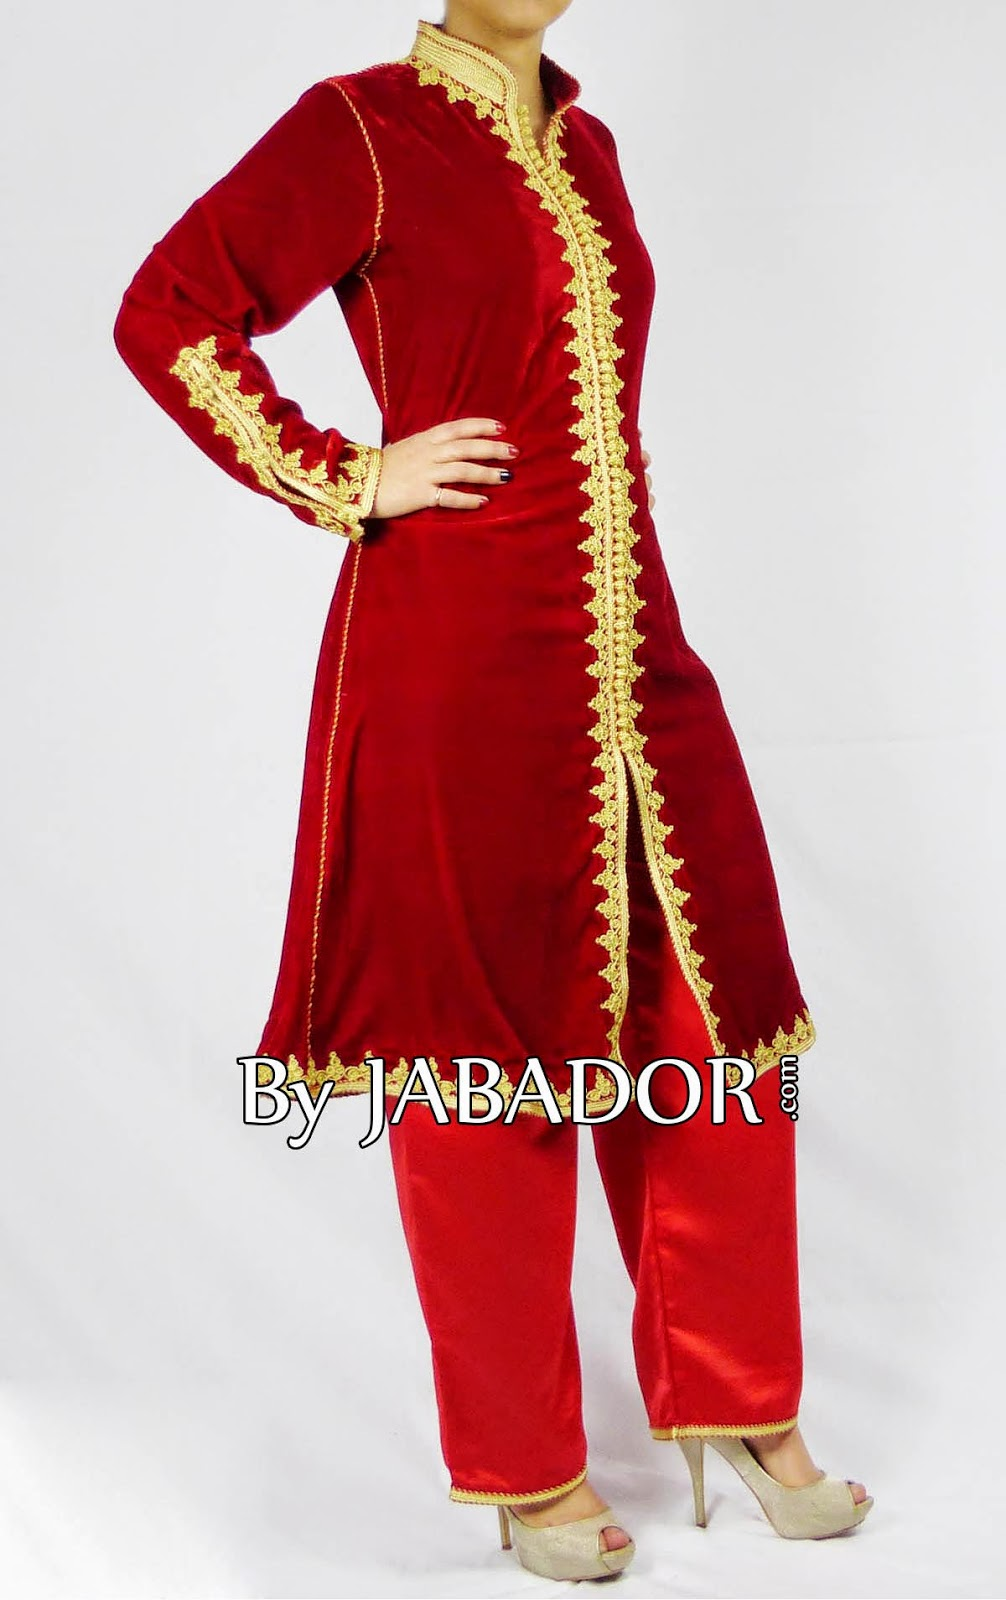 Jabador, jabador 2015, Jabador femme, Jabador Homme, Jabador luxe, Jabador Marocain, jabador moderne, jabador noir,